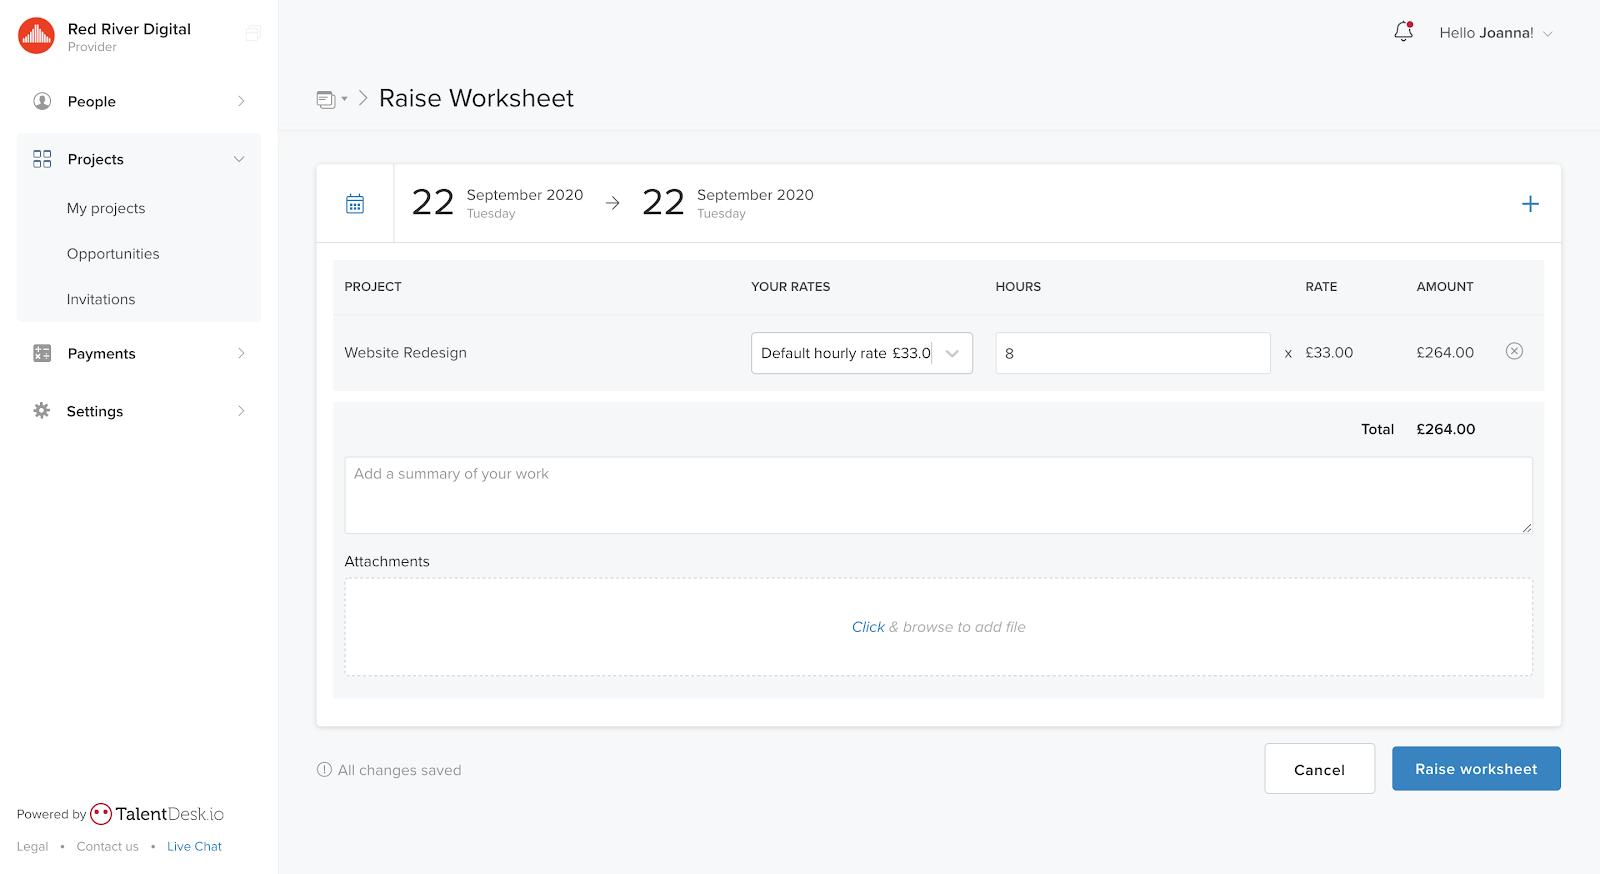 Screenshot 2020-09-22 at 13.16.25